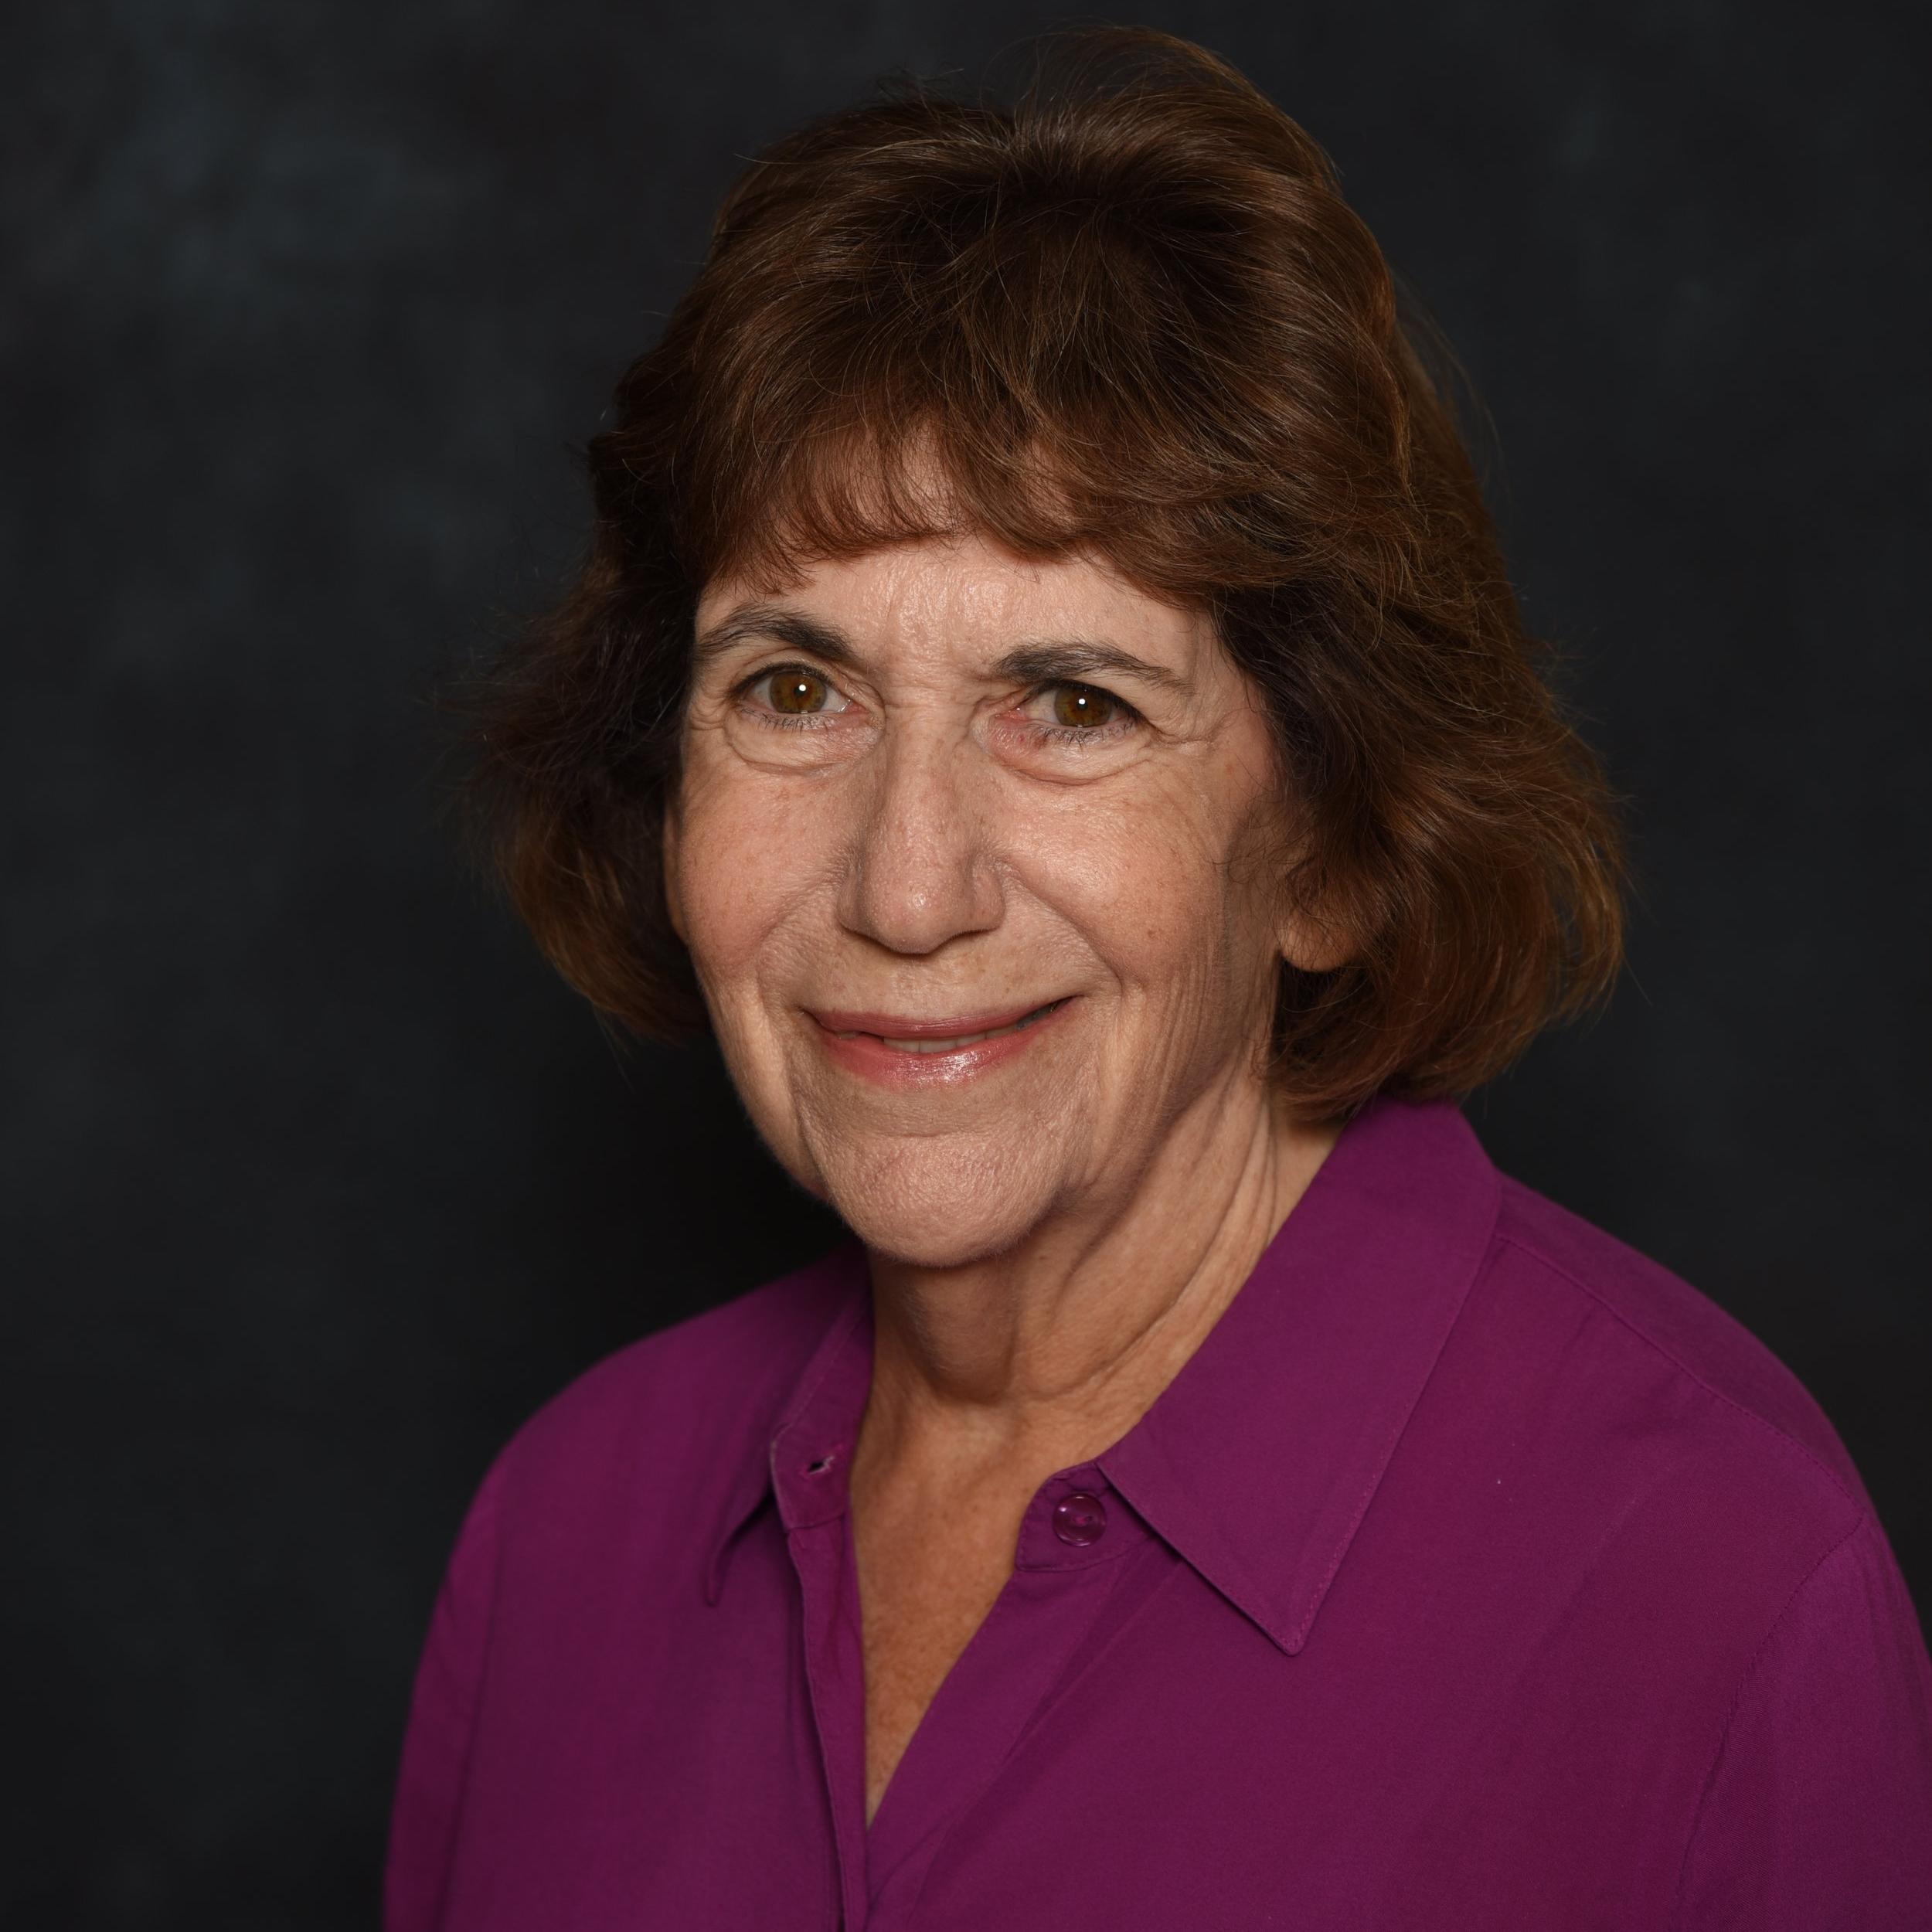 Sue Giller